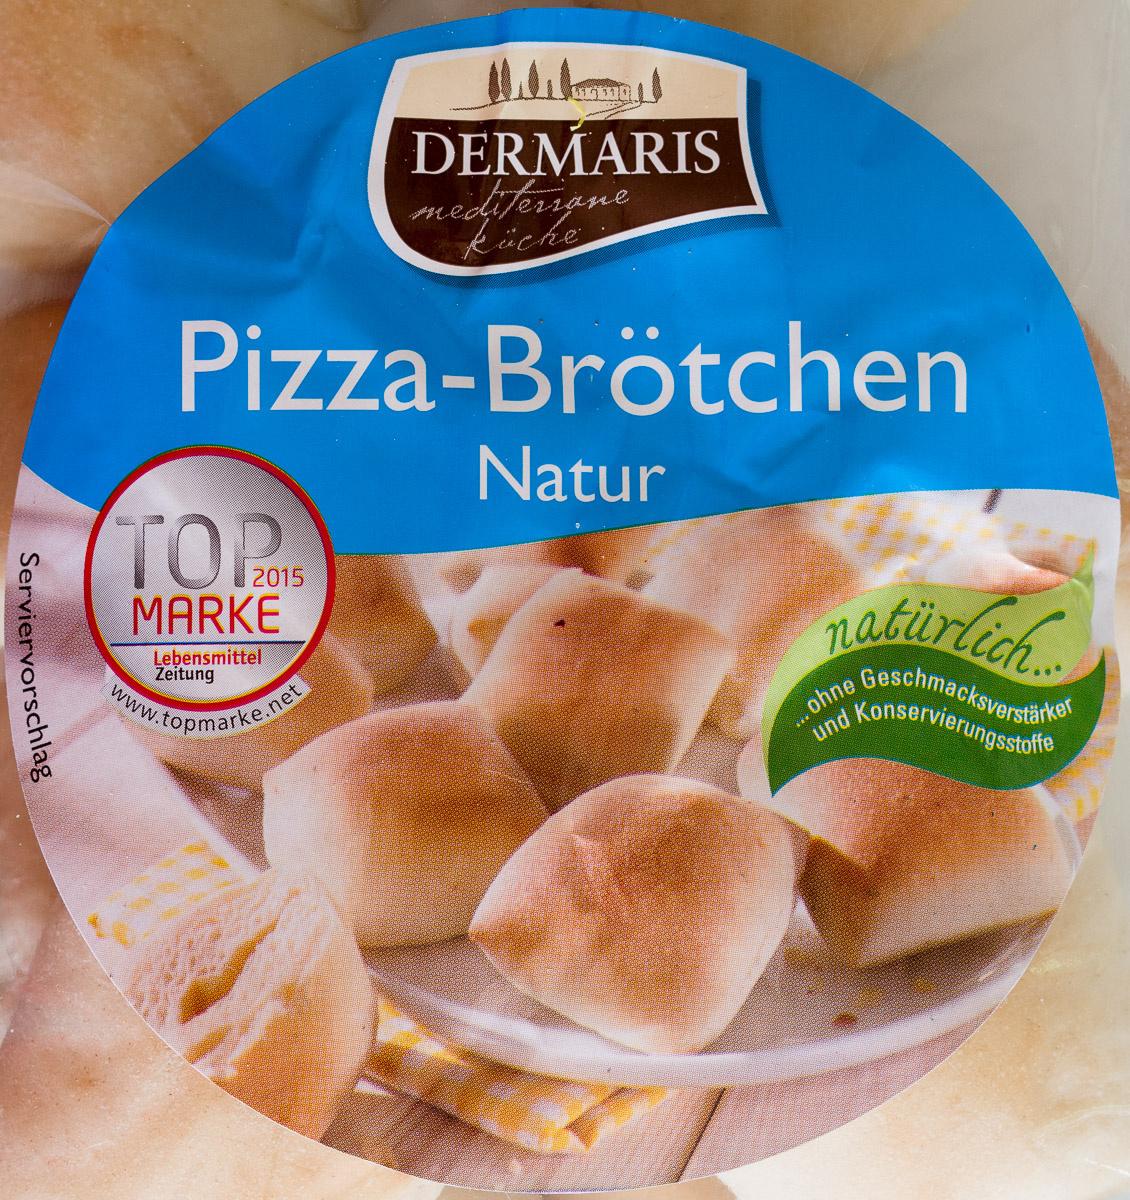 Pizza-Brötchen Natur - Product - de